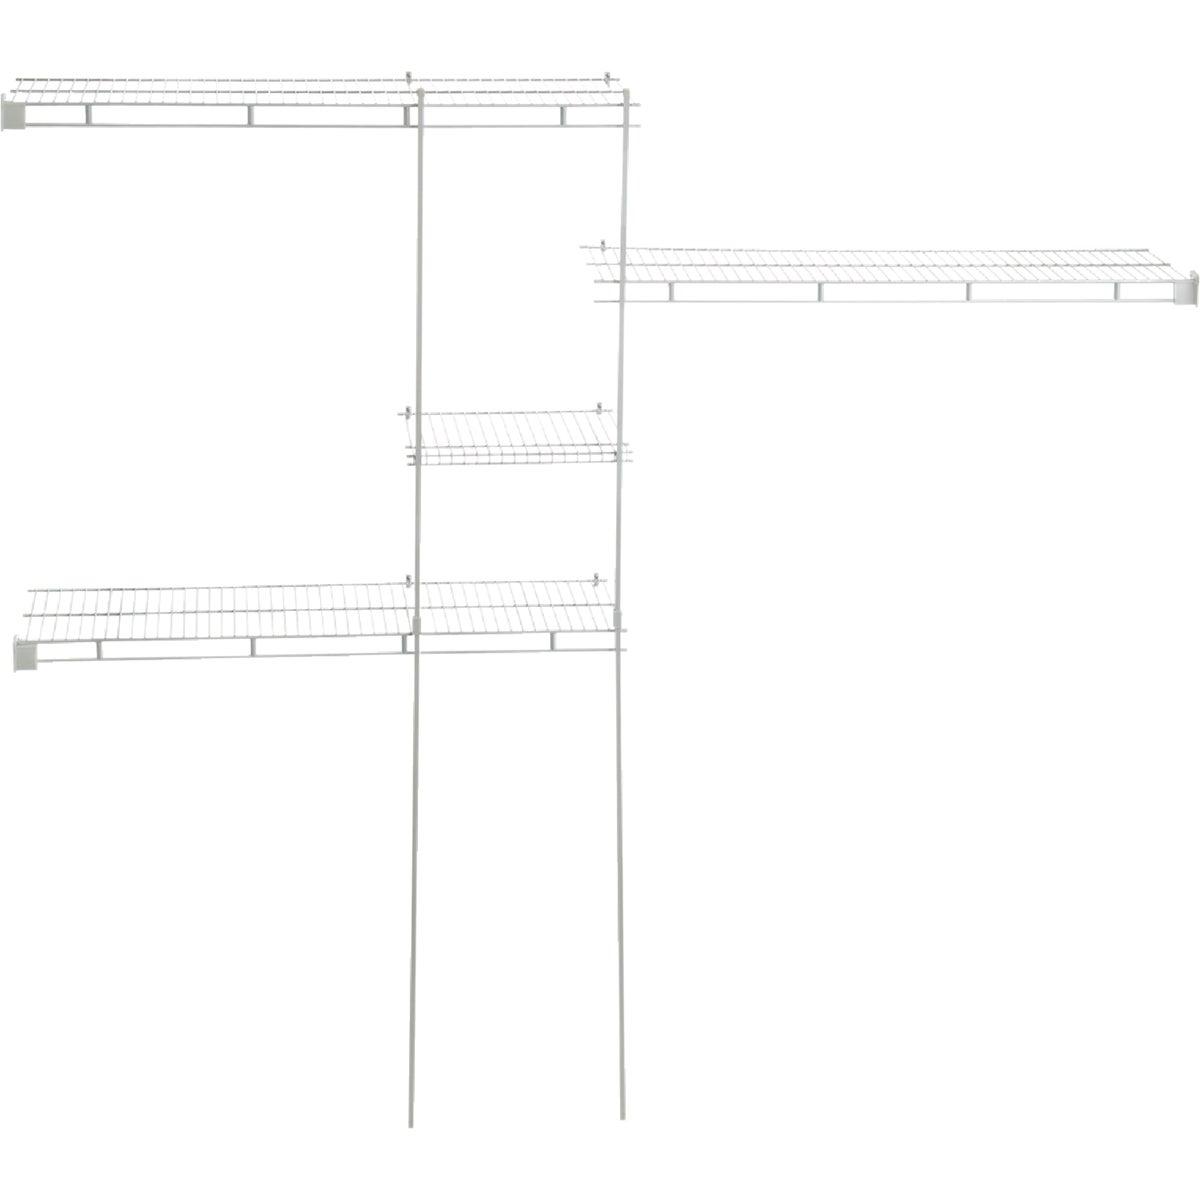 ClosetMaid 5' to 8' Shelf and Rod Closet System